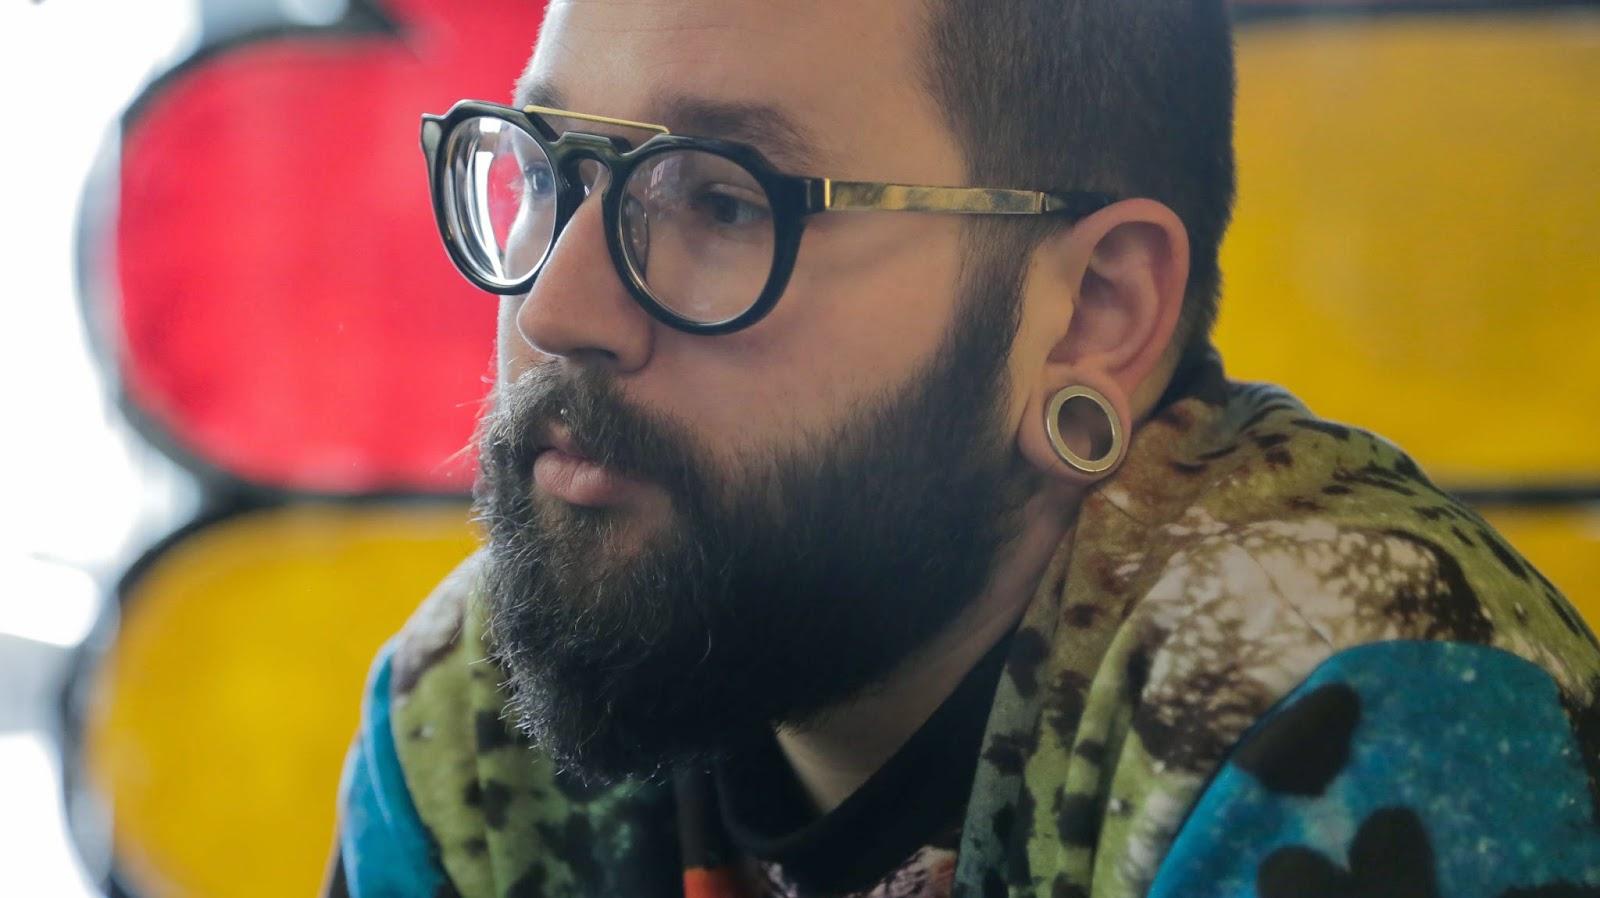 GlassART, GlassBAR, Hotel Urban, Party, Nuevos Diseñadores, Tactelgraphics,  Ismael Chappaz , Juanma Menero, Blog de Moda, Que hacer en Madrid, El mejor plan